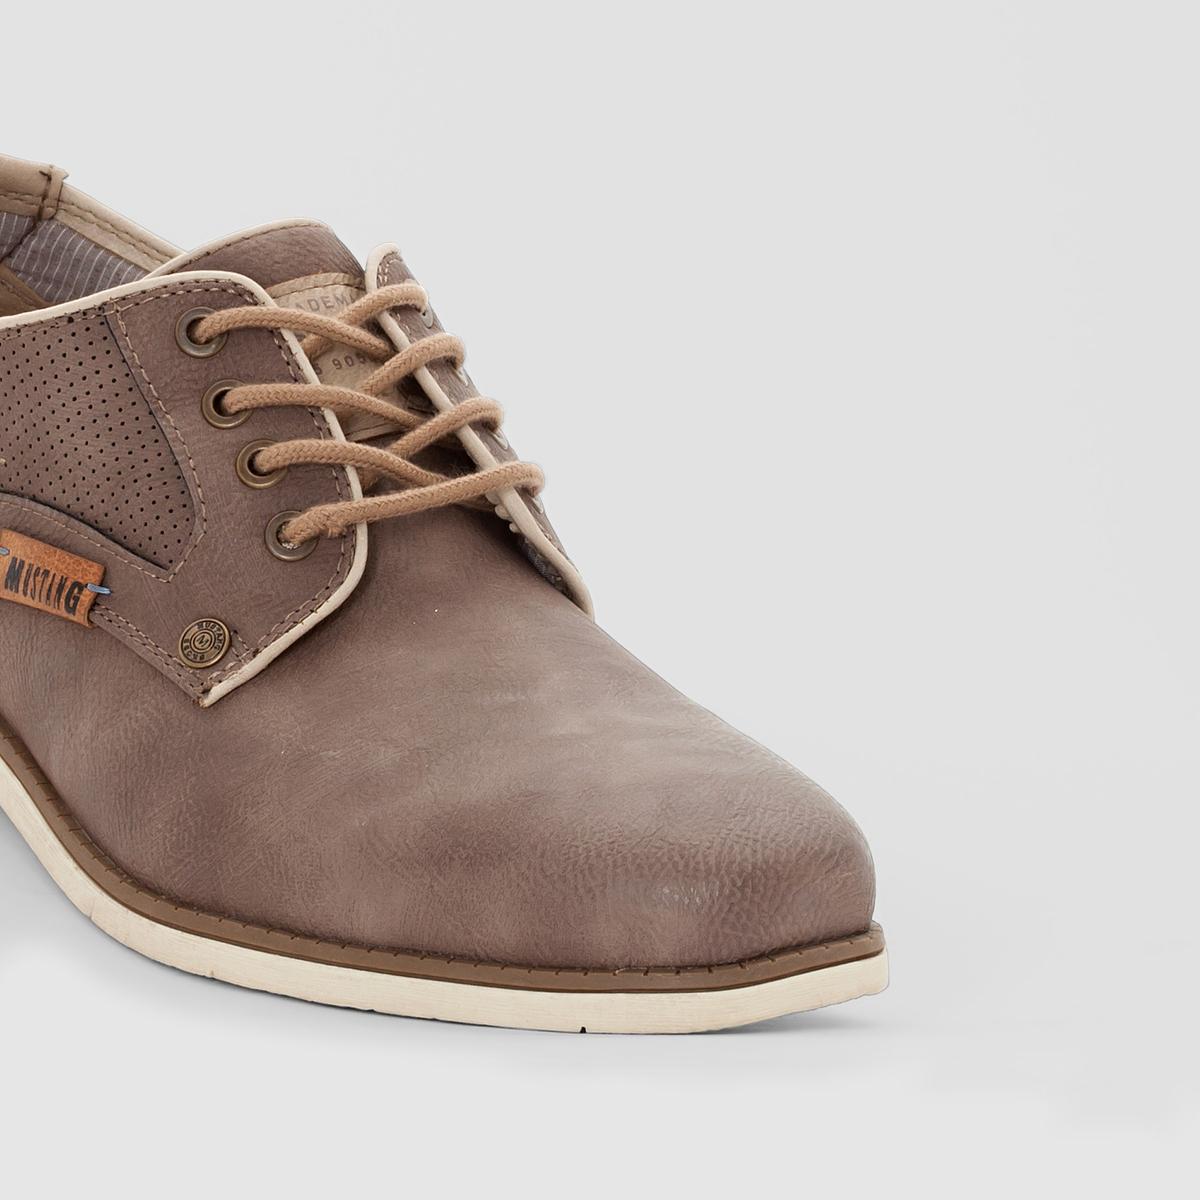 Ботинки-дерби на шнуровкеБотинки-дерби на шнуровке, Mustang . Верх  : синтетический материал  Подкладка  : без подкладки Стелька  : хлопок и полиэстер Подошва  : термопластичная резина. Застежка  : на шнуровке. Если вы хотите покорить большие города или отдаленные уголки Земли, вам нужна отличная обувь с характером! Прекрасные ботинки-дерби Mustang в аутентичном строгом стиле помогут вам в этом!<br><br>Цвет: серо-коричневый<br>Размер: 43